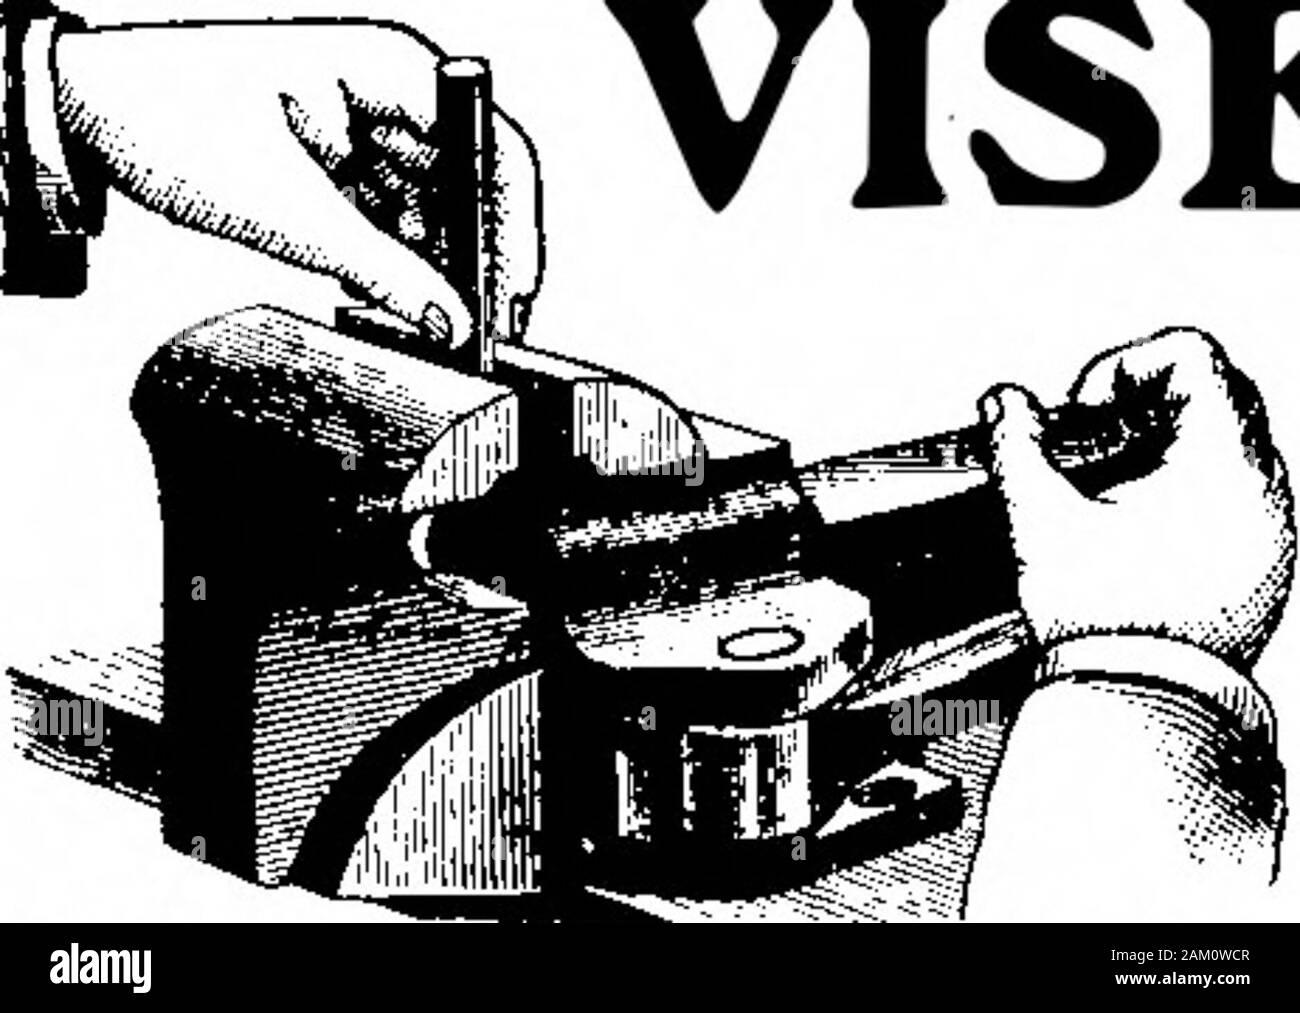 Scientific American Volumen 88, número 25 (junio de 1903) . Estos vehículos son muy populares y están adaptadas para hoteles, SummerResorts, golf, parque de giras y viajes de negocios. Órganos para la mencionada arefurnished nº 5 de marcha, adaptado a cada tipo de commercialdelivery. Escribir para el catálogo B. CHICAGO MOTOR CO.370-372 YEHICLE Wabash Avenue fábrica : Harvey, 111. CHICAGO, ILL. Emitimos una vez cada tanto, una carta, una carpeta abooklet,o un catálogo, whereinie se muestra información relativa a AutomobileTires que puede ser de algún valor para usted.él la goma de diamante CO. Akron, Ohio. Stephens prensas de patentes. FLA Foto de stock